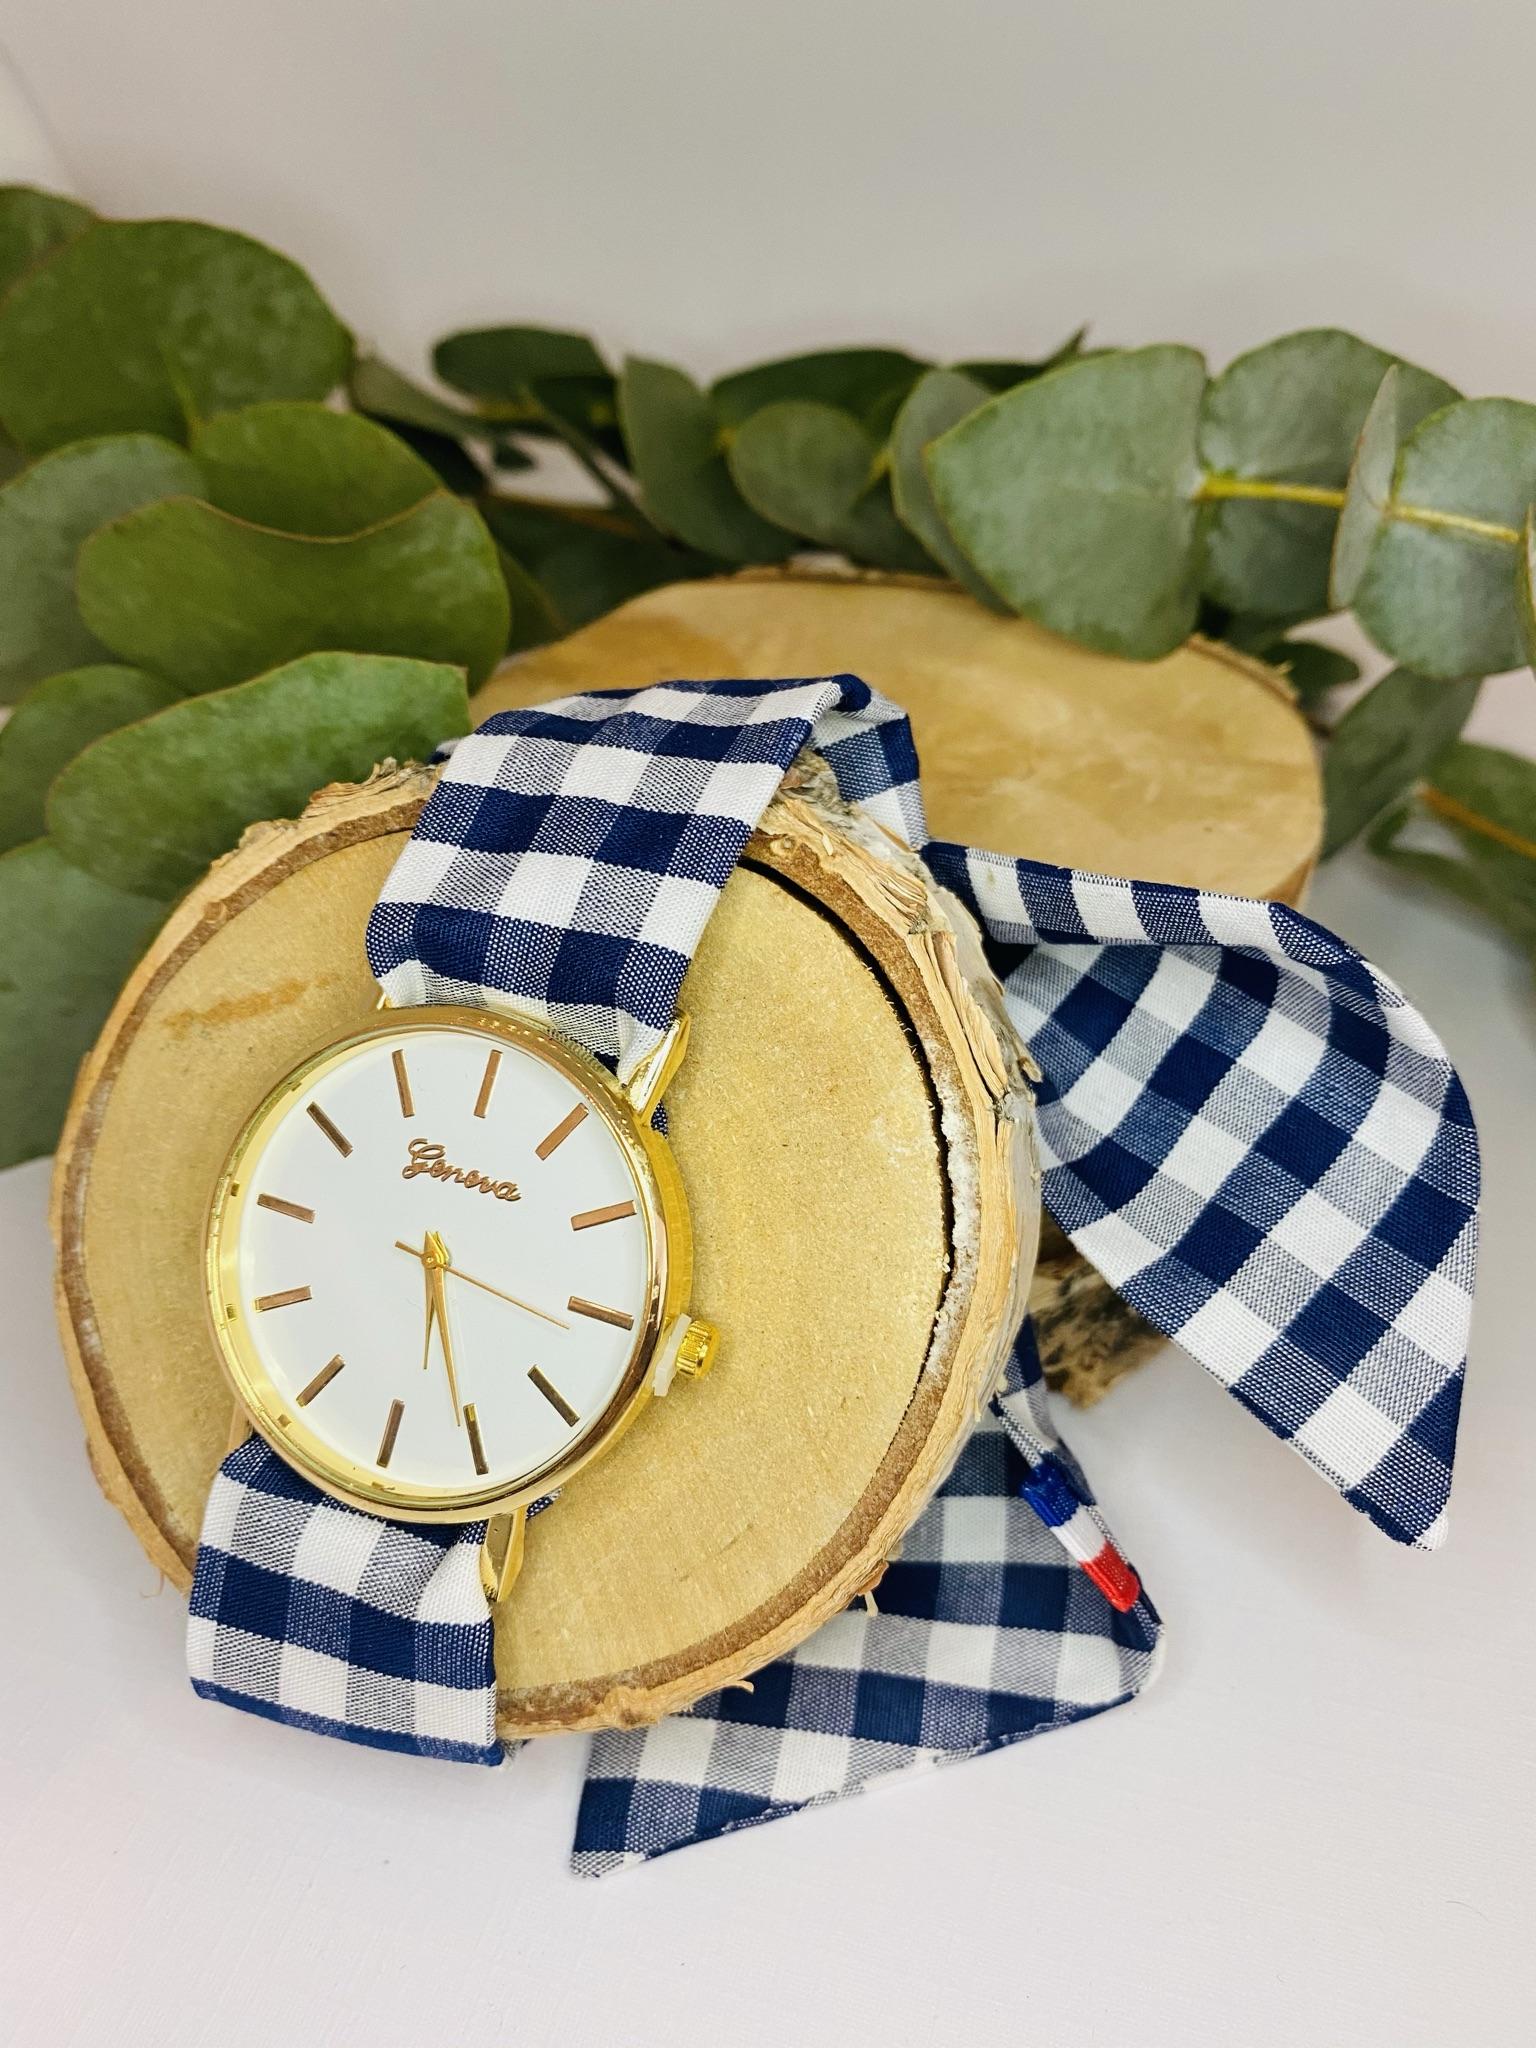 🎁⌚️💶 1 montre, 2 bracelets + 50 €